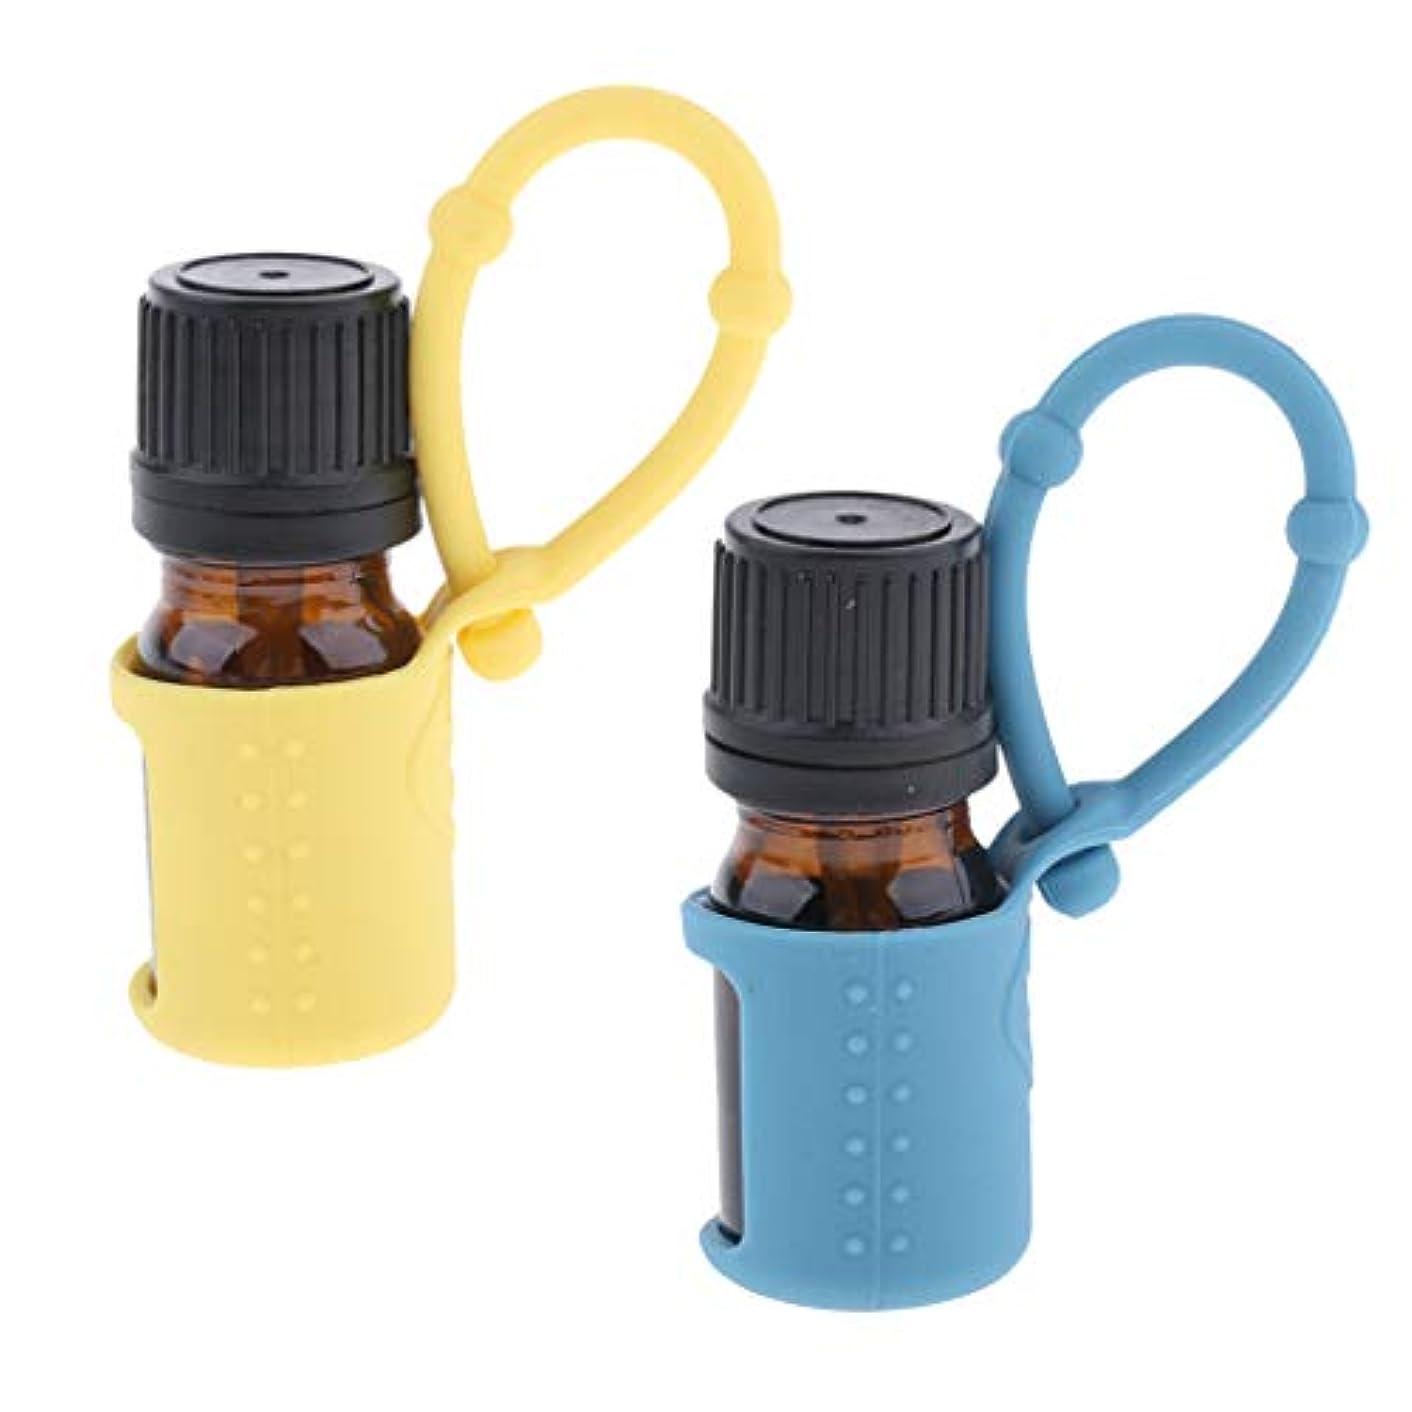 入り口踏み台公平2個 詰替ボトル エッセンシャルボトル 5ml 空容器 精油 液体 保存用 旅行 シリコンスリーブ付